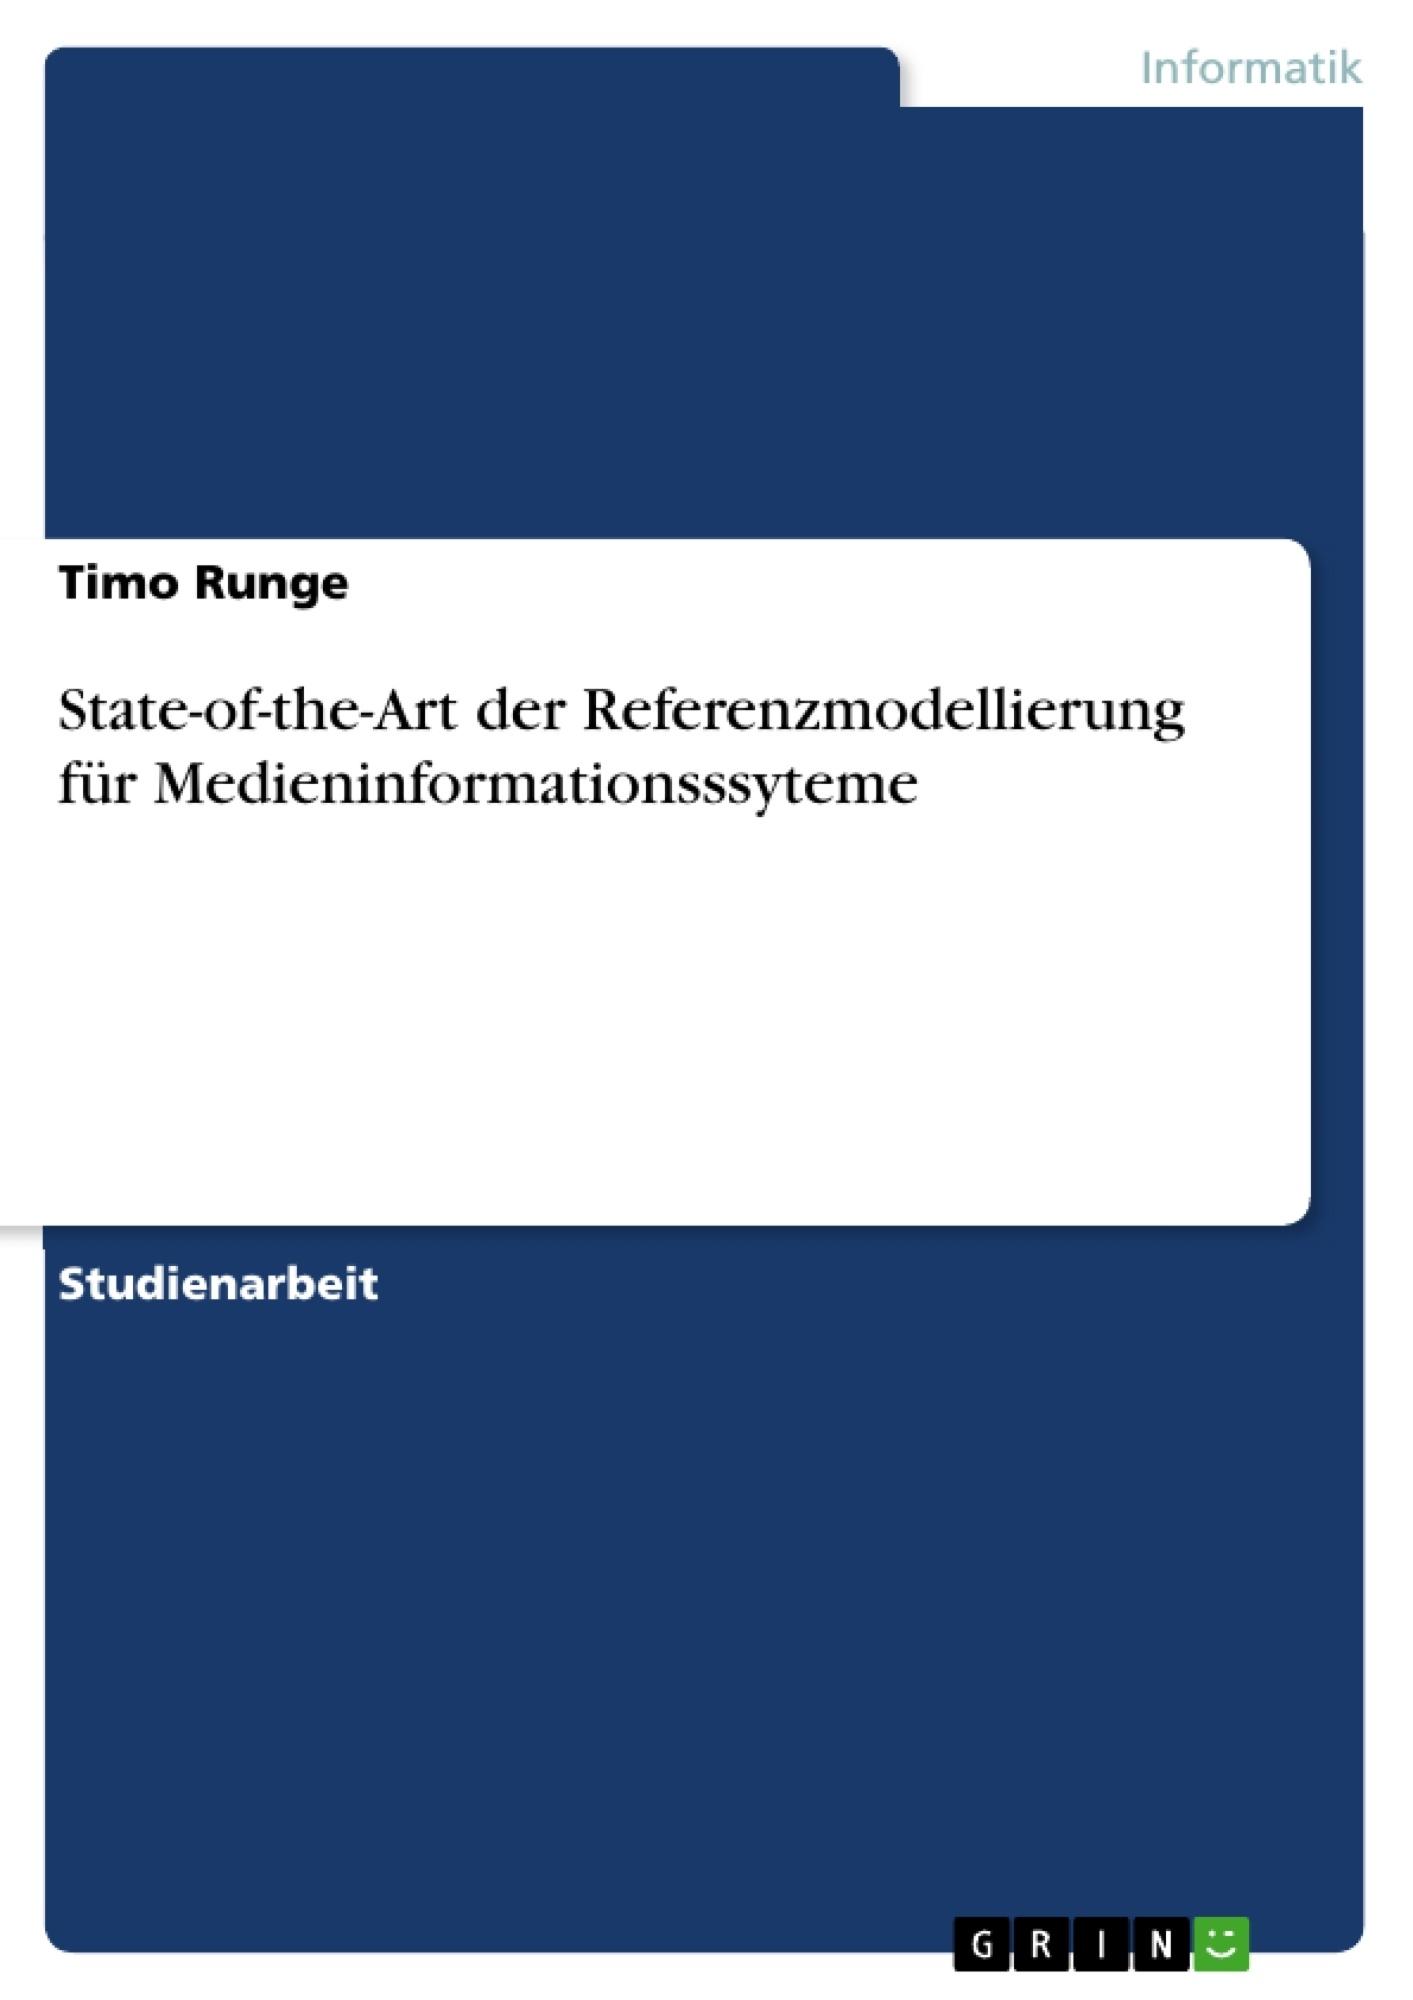 Titel: State-of-the-Art der Referenzmodellierung für Medieninformationsssyteme